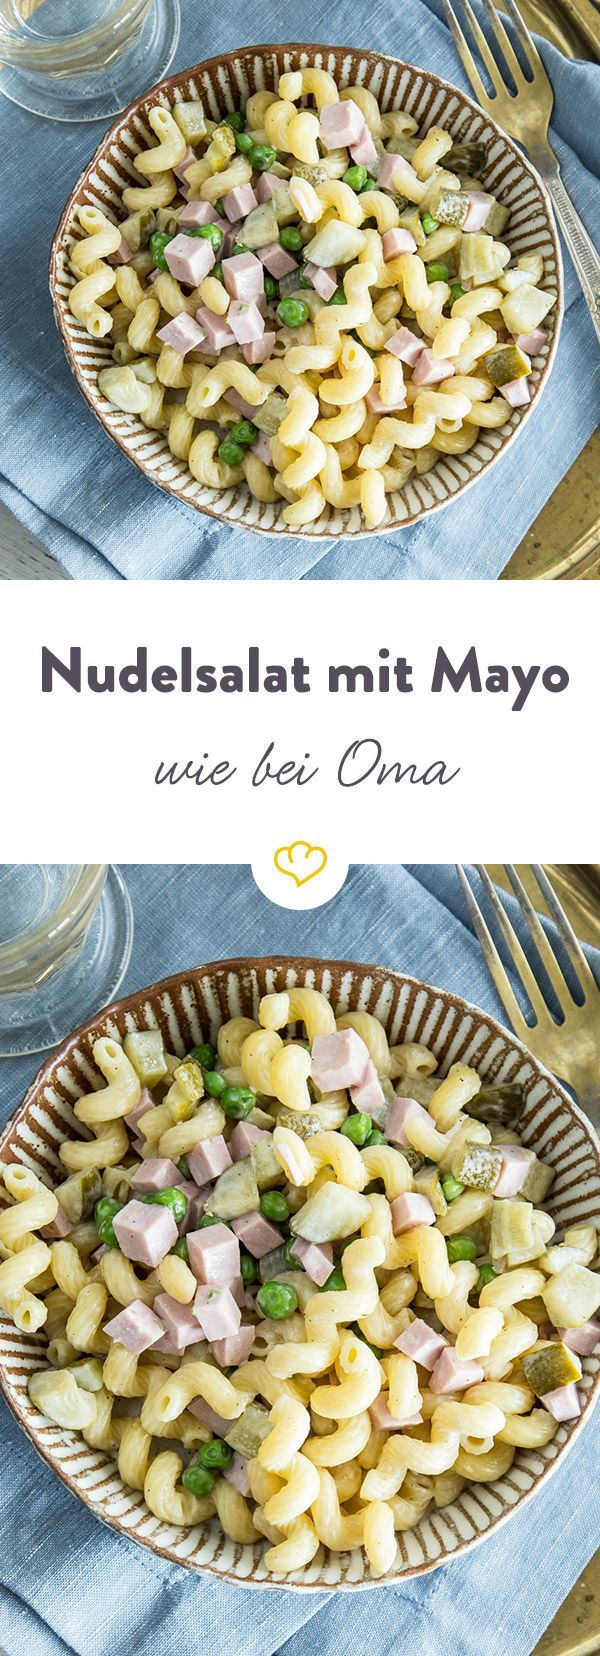 Kringelige Hörnchennudeln, kleine Erbsen, gewürfelte Gewürzgurken, die beste Fleischwurst und reichlich Mayo - so gelingt der Nudelsalat wie bei Oma.